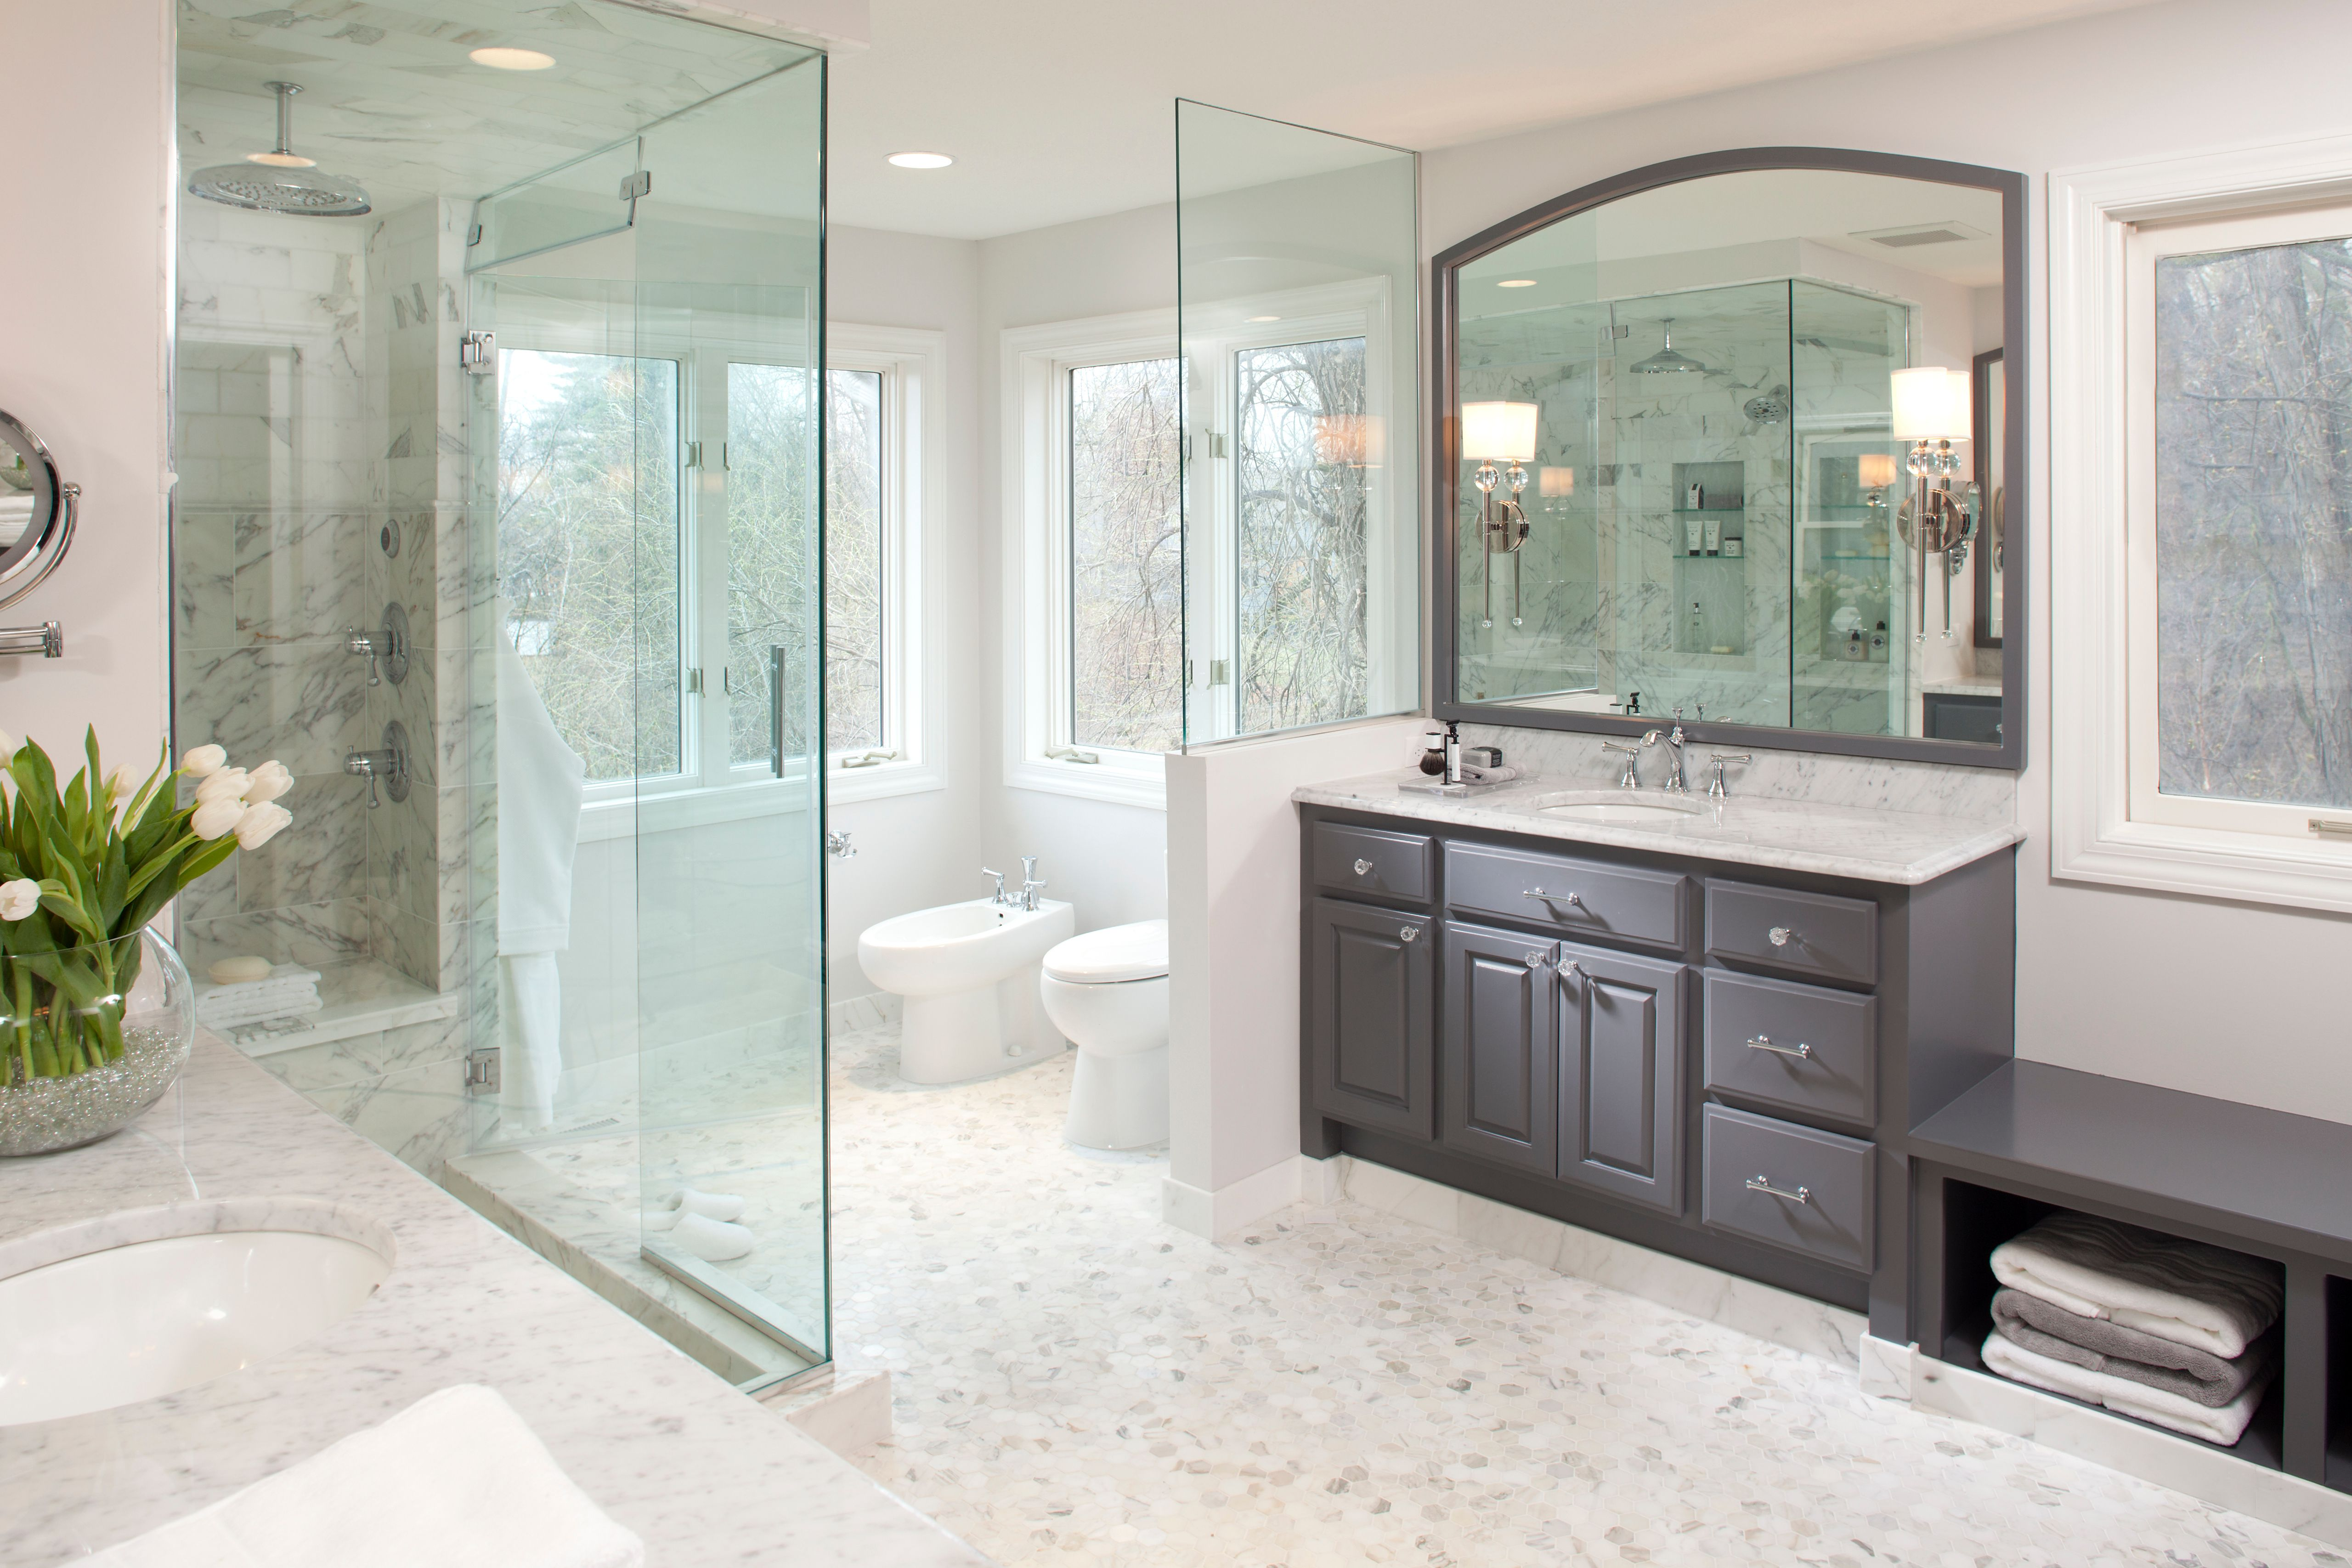 bathroom renovations hgtv makeovers | luxury-bathroom-bathroom ...